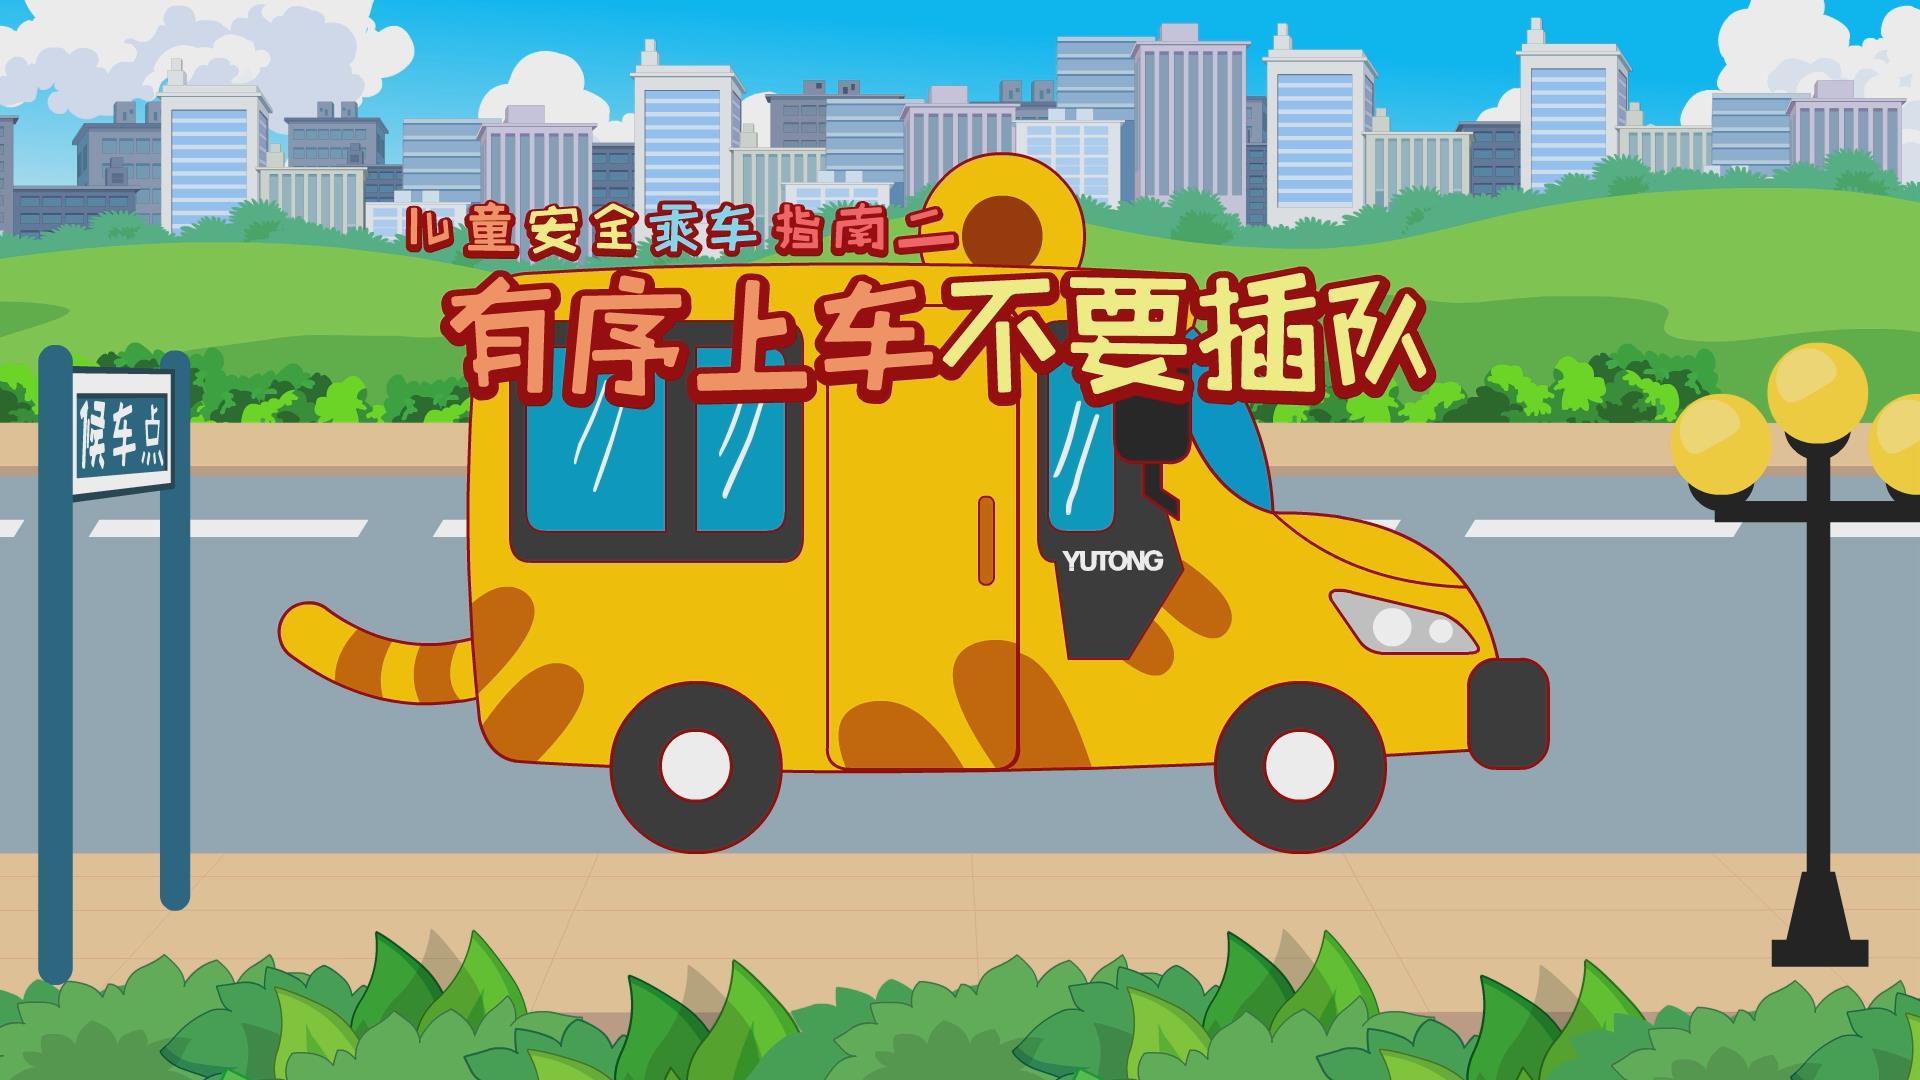 宇小虎兒童交通安全出行指南(第二課)